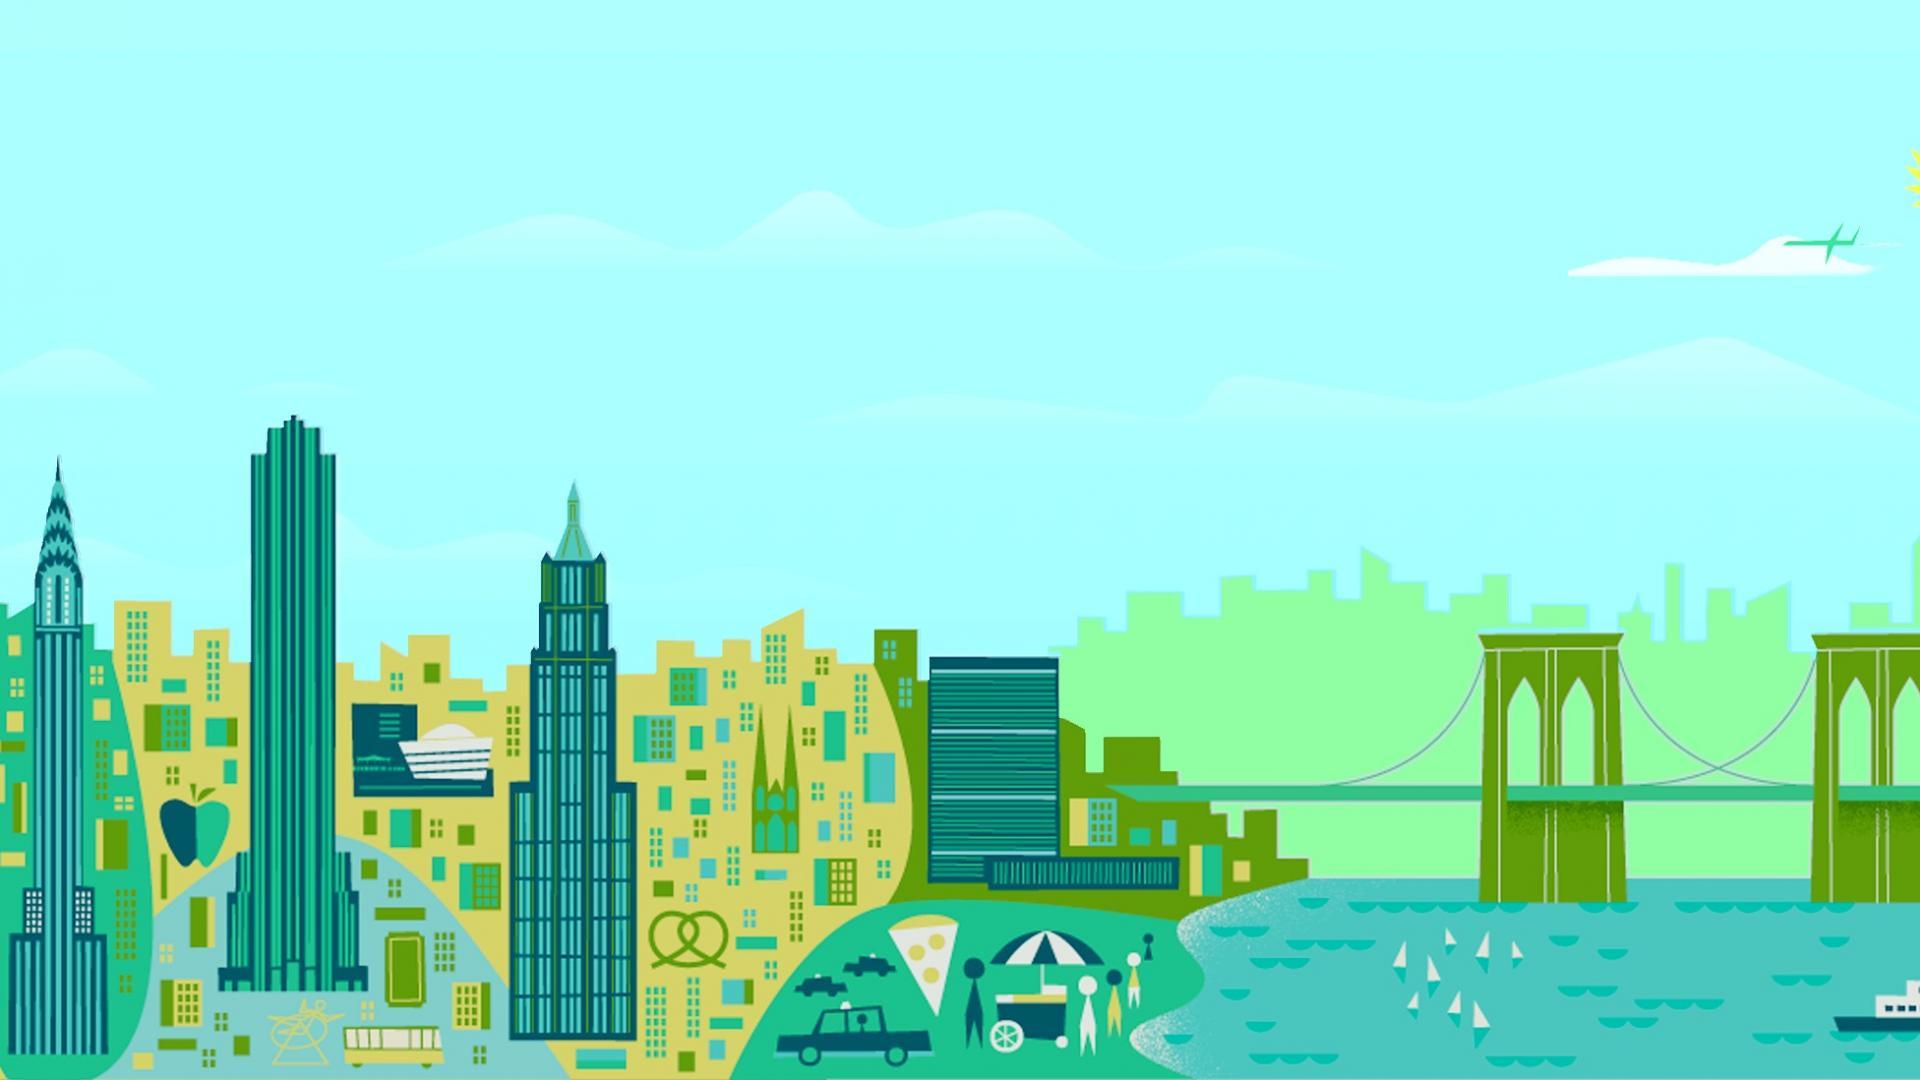 Google Now Wallpaper - WallpaperSafari